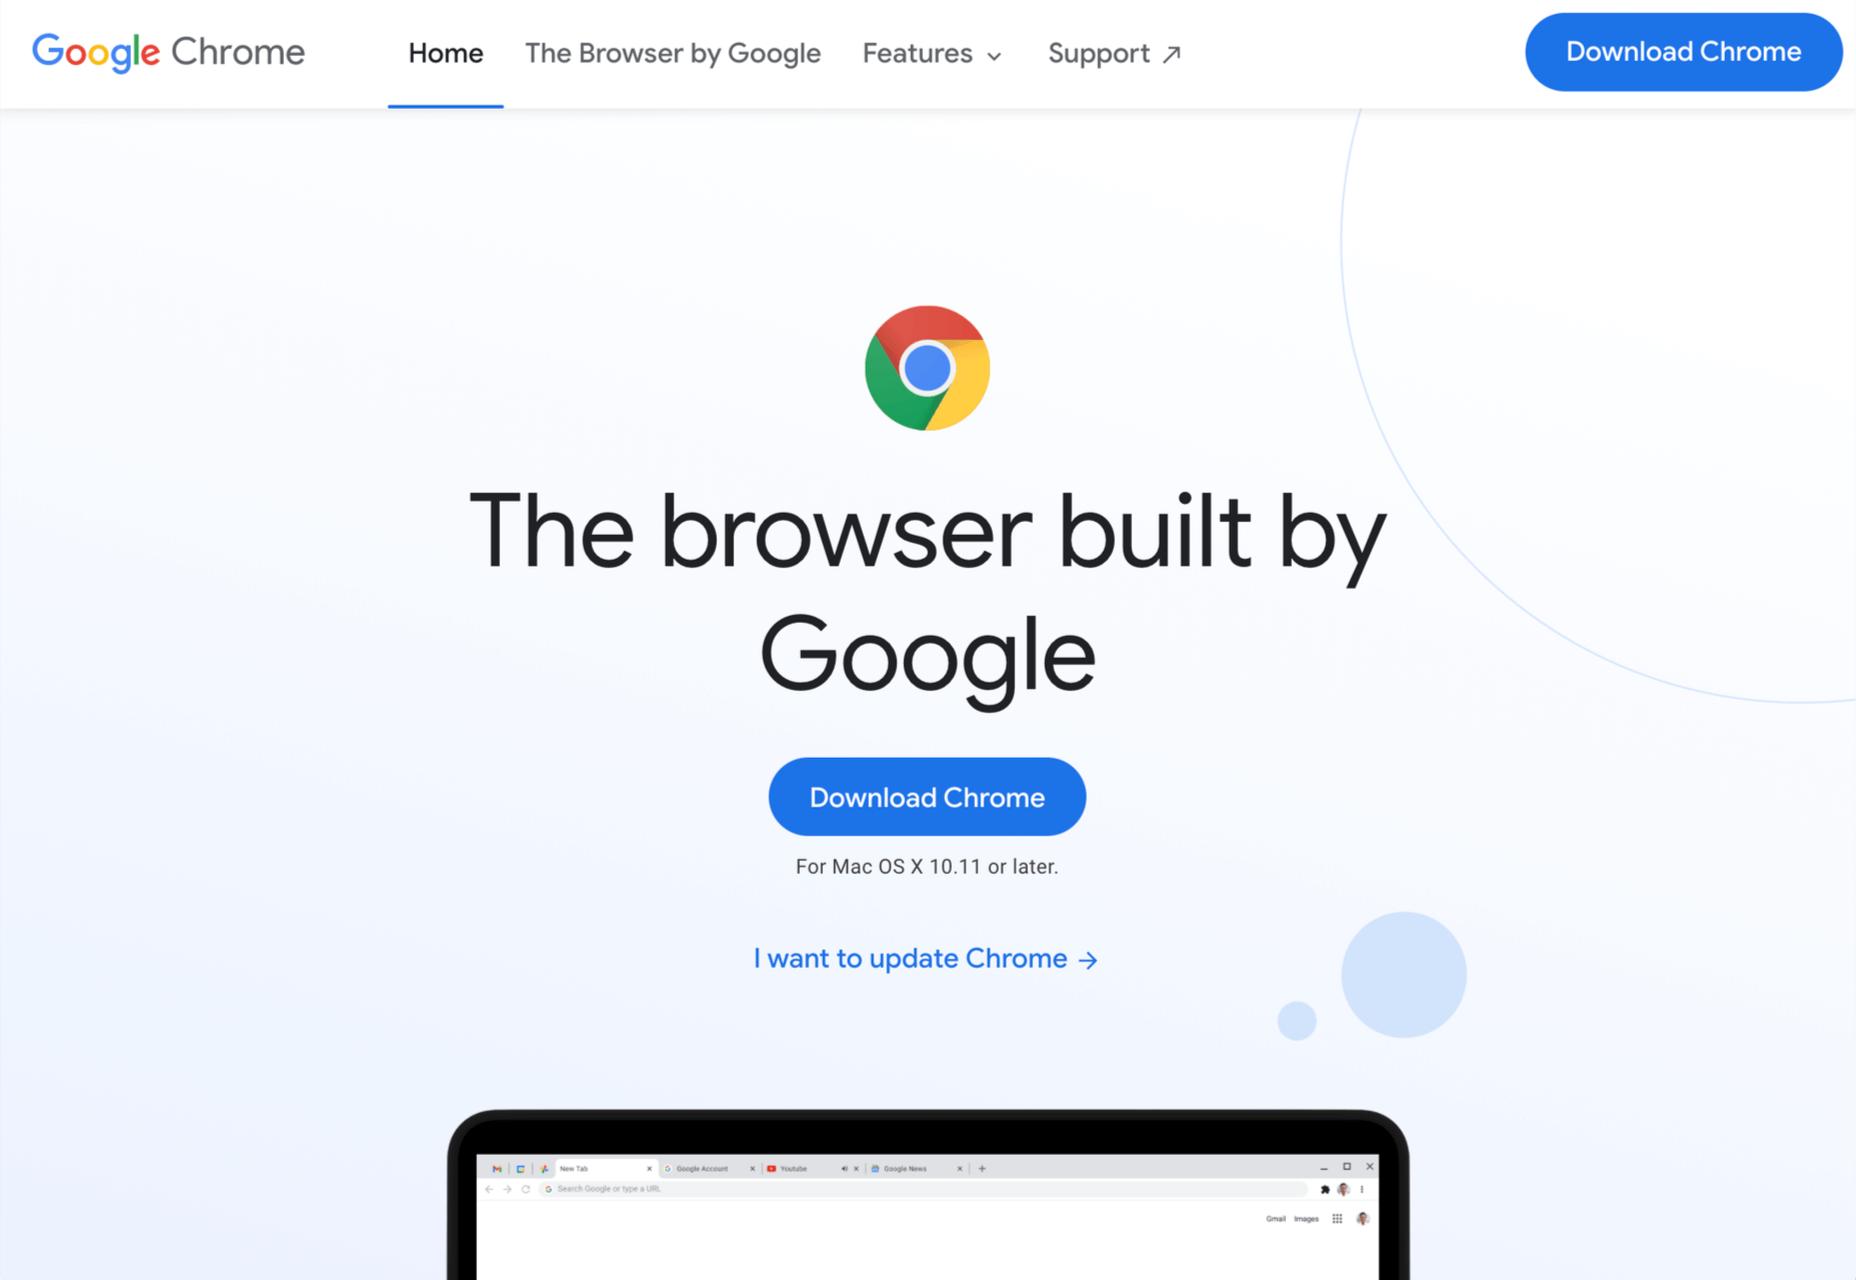 https://www.webdesignerdepot.com/cdn-origin/uploads/2021/06/chrome.png